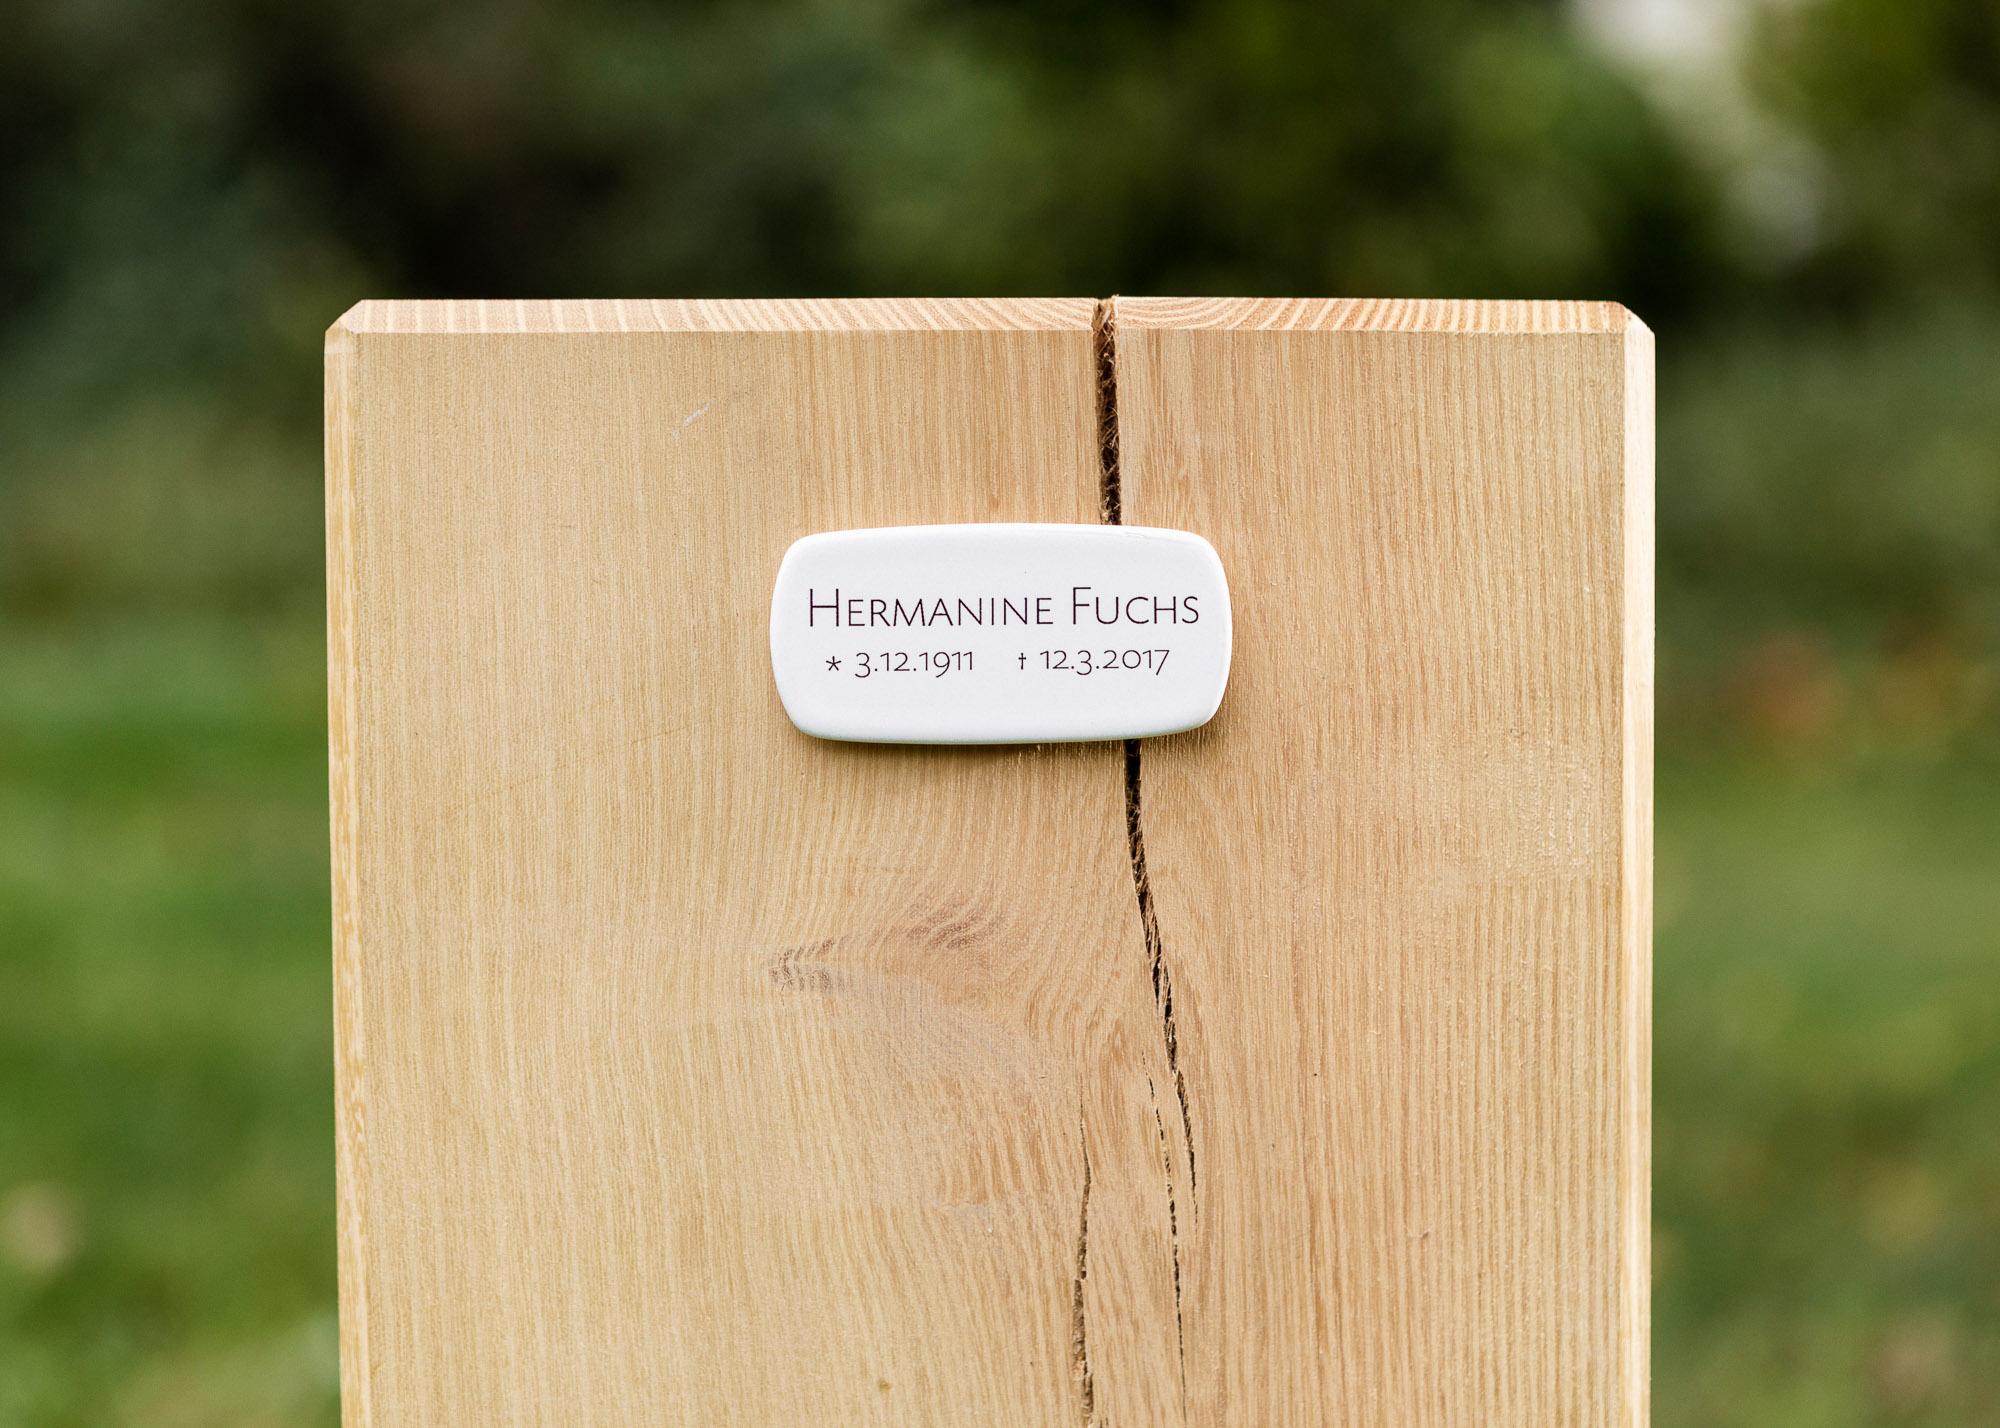 Holzblock mit Emaille-Schild als Alternative zum Grabstein für Einzelgrabstellen